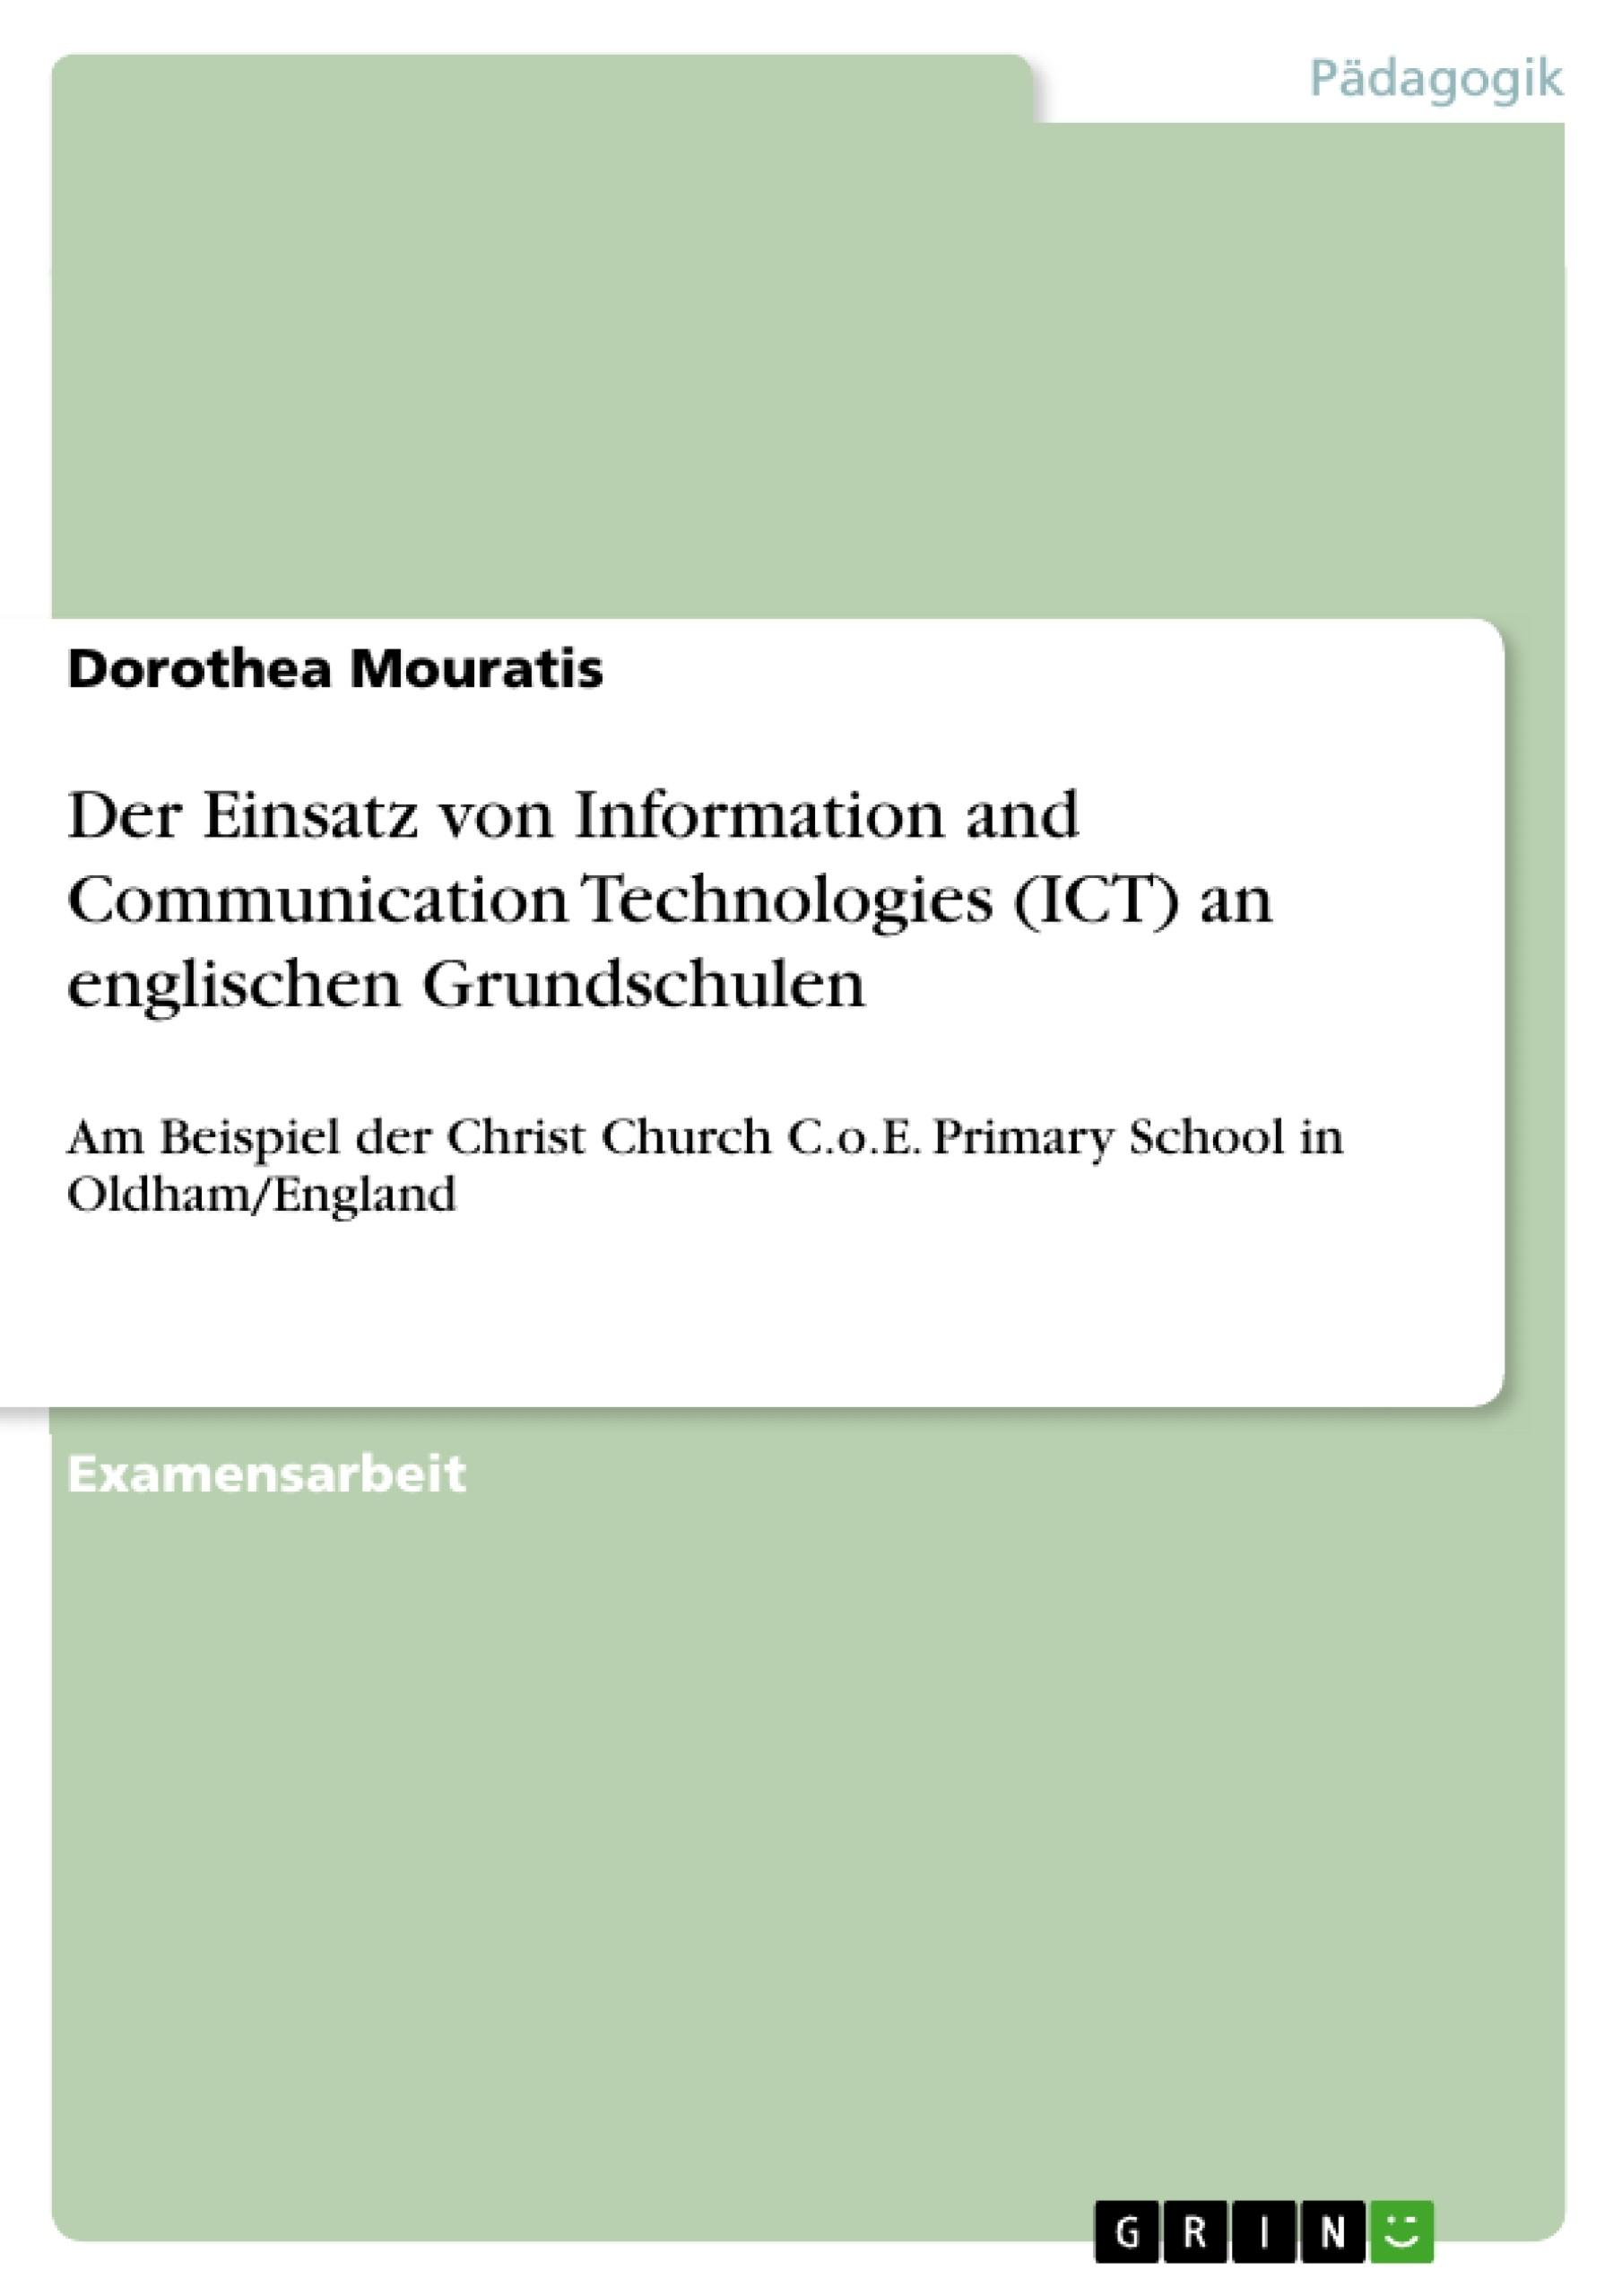 Titel: Der Einsatz von Information and Communication Technologies (ICT) an englischen Grundschulen